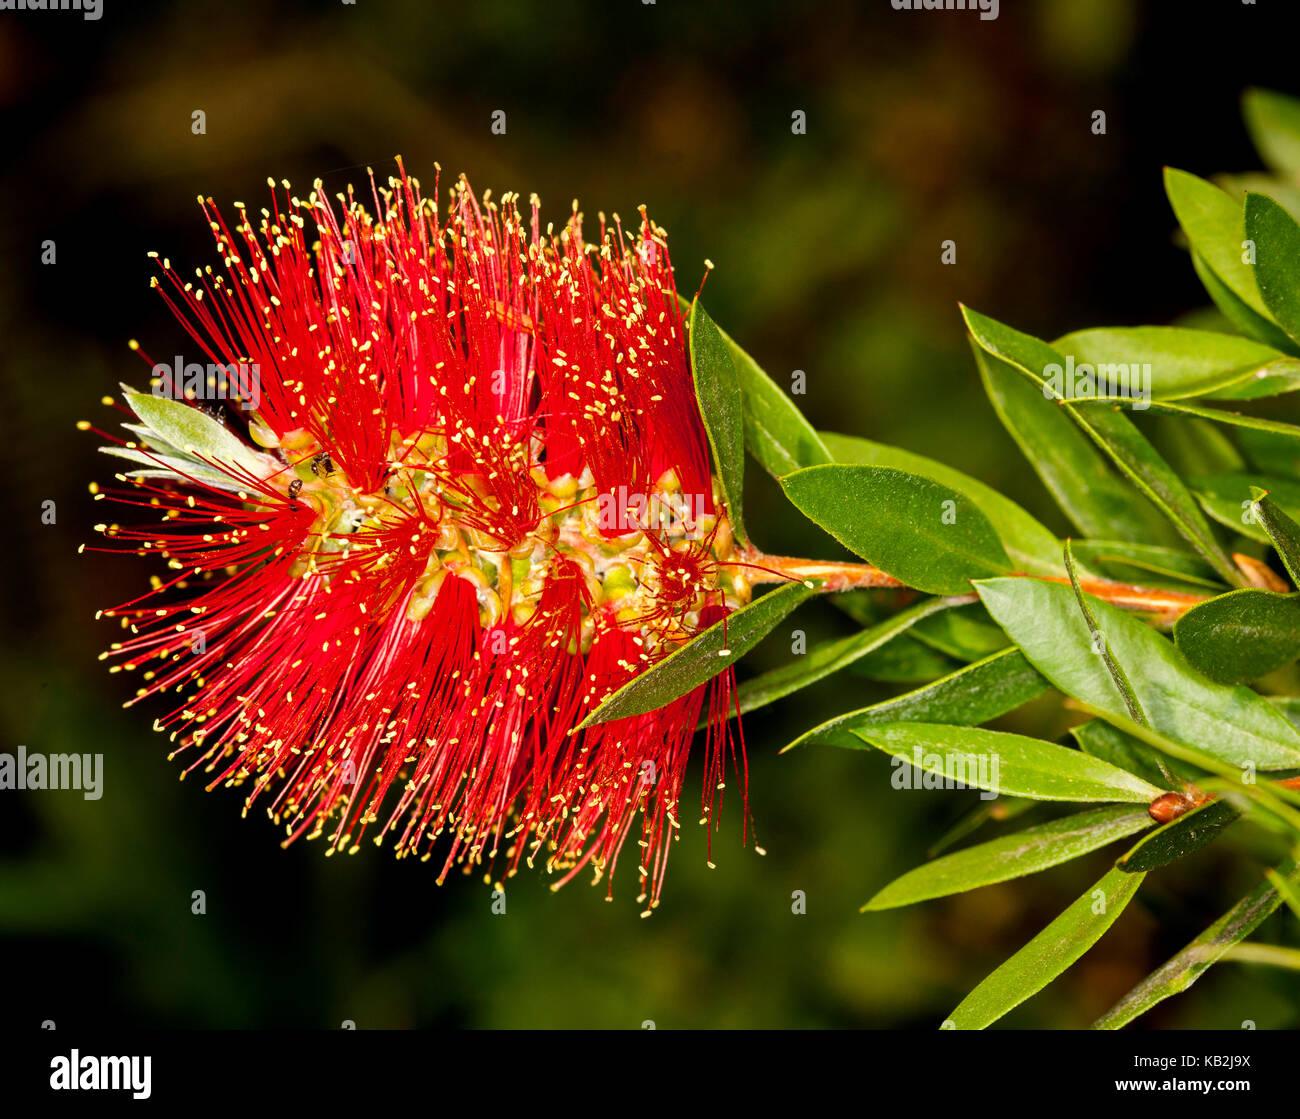 Flores de color rojo vivo y hojas de color verde brillante, nativa ...